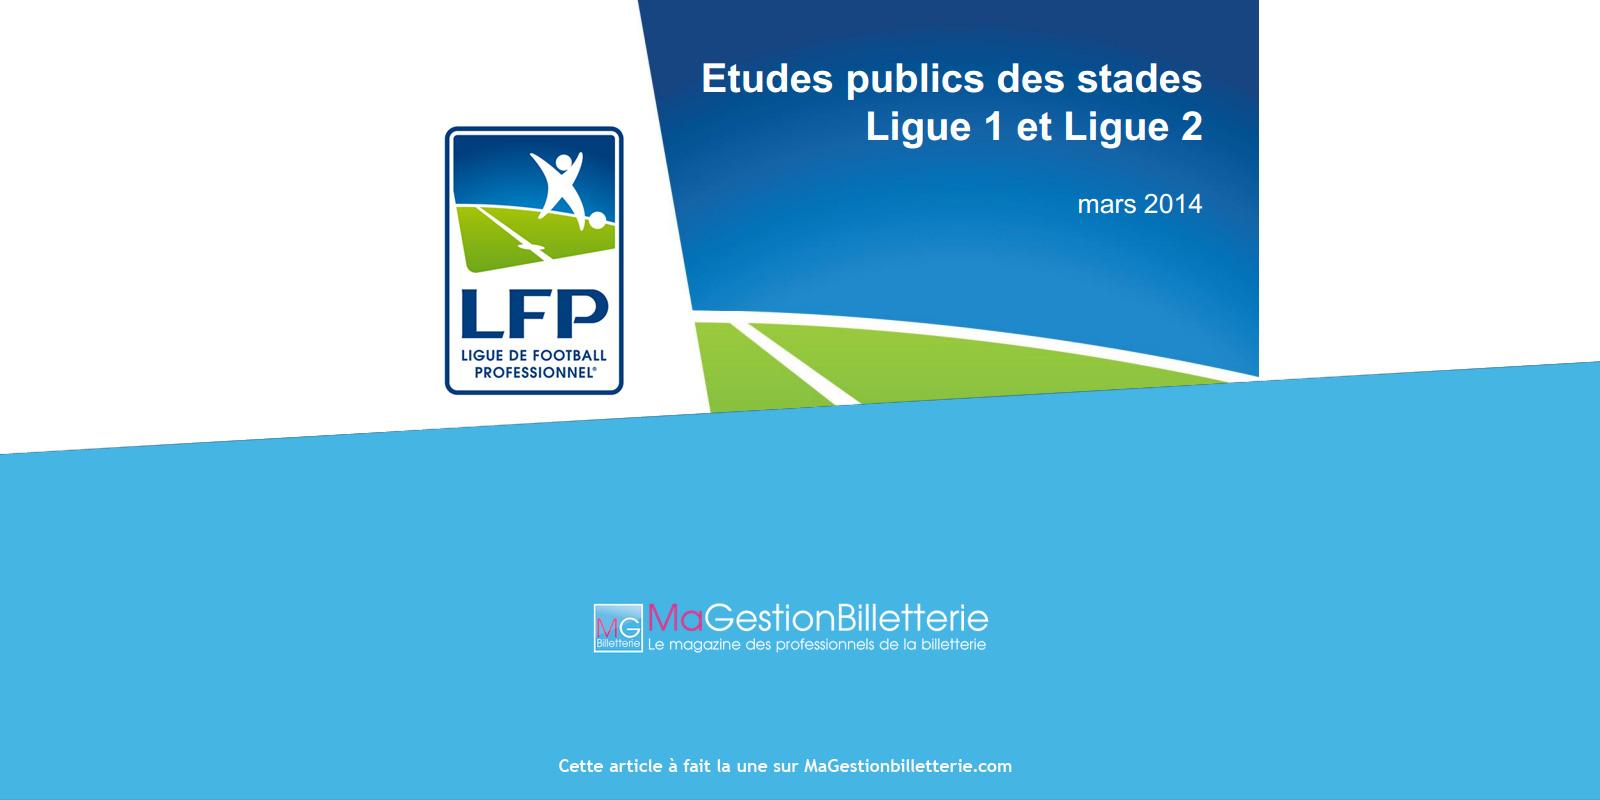 etudes-lfp-stadesL1-L2-une2